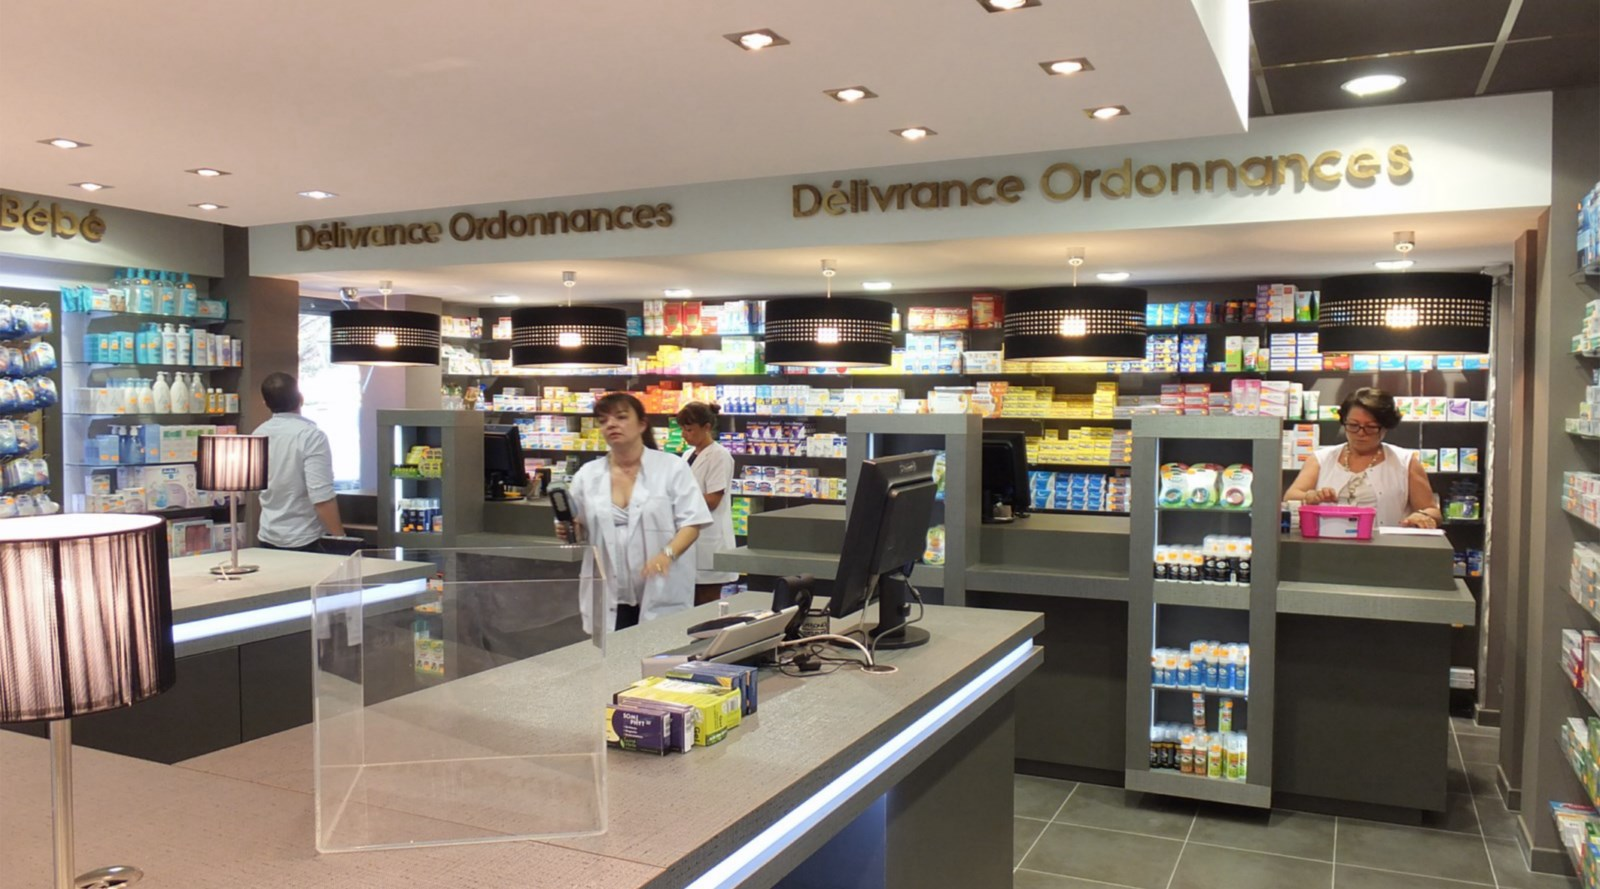 Agenceur pharmacie, la boutique à aller voir